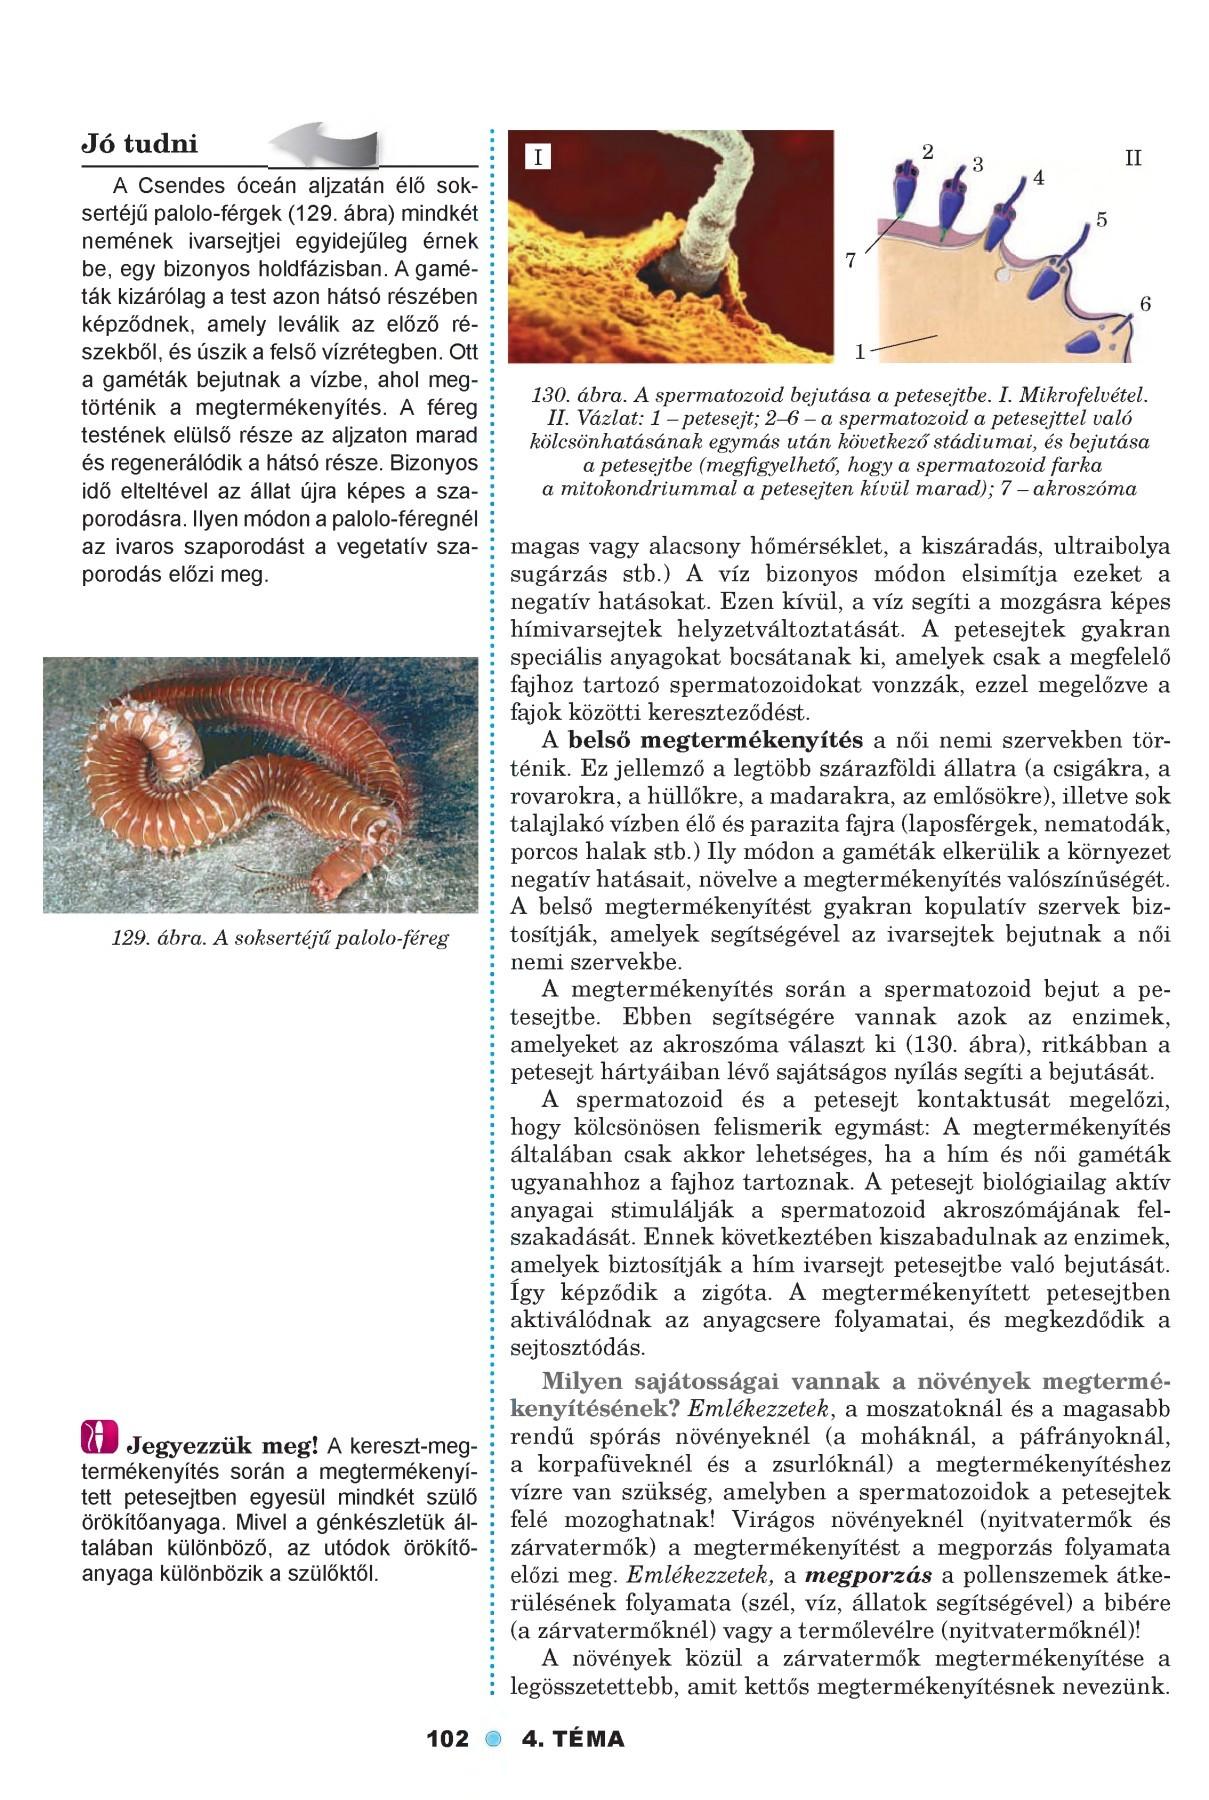 Parazita jobb kéz, Parazita elemzés chisinau